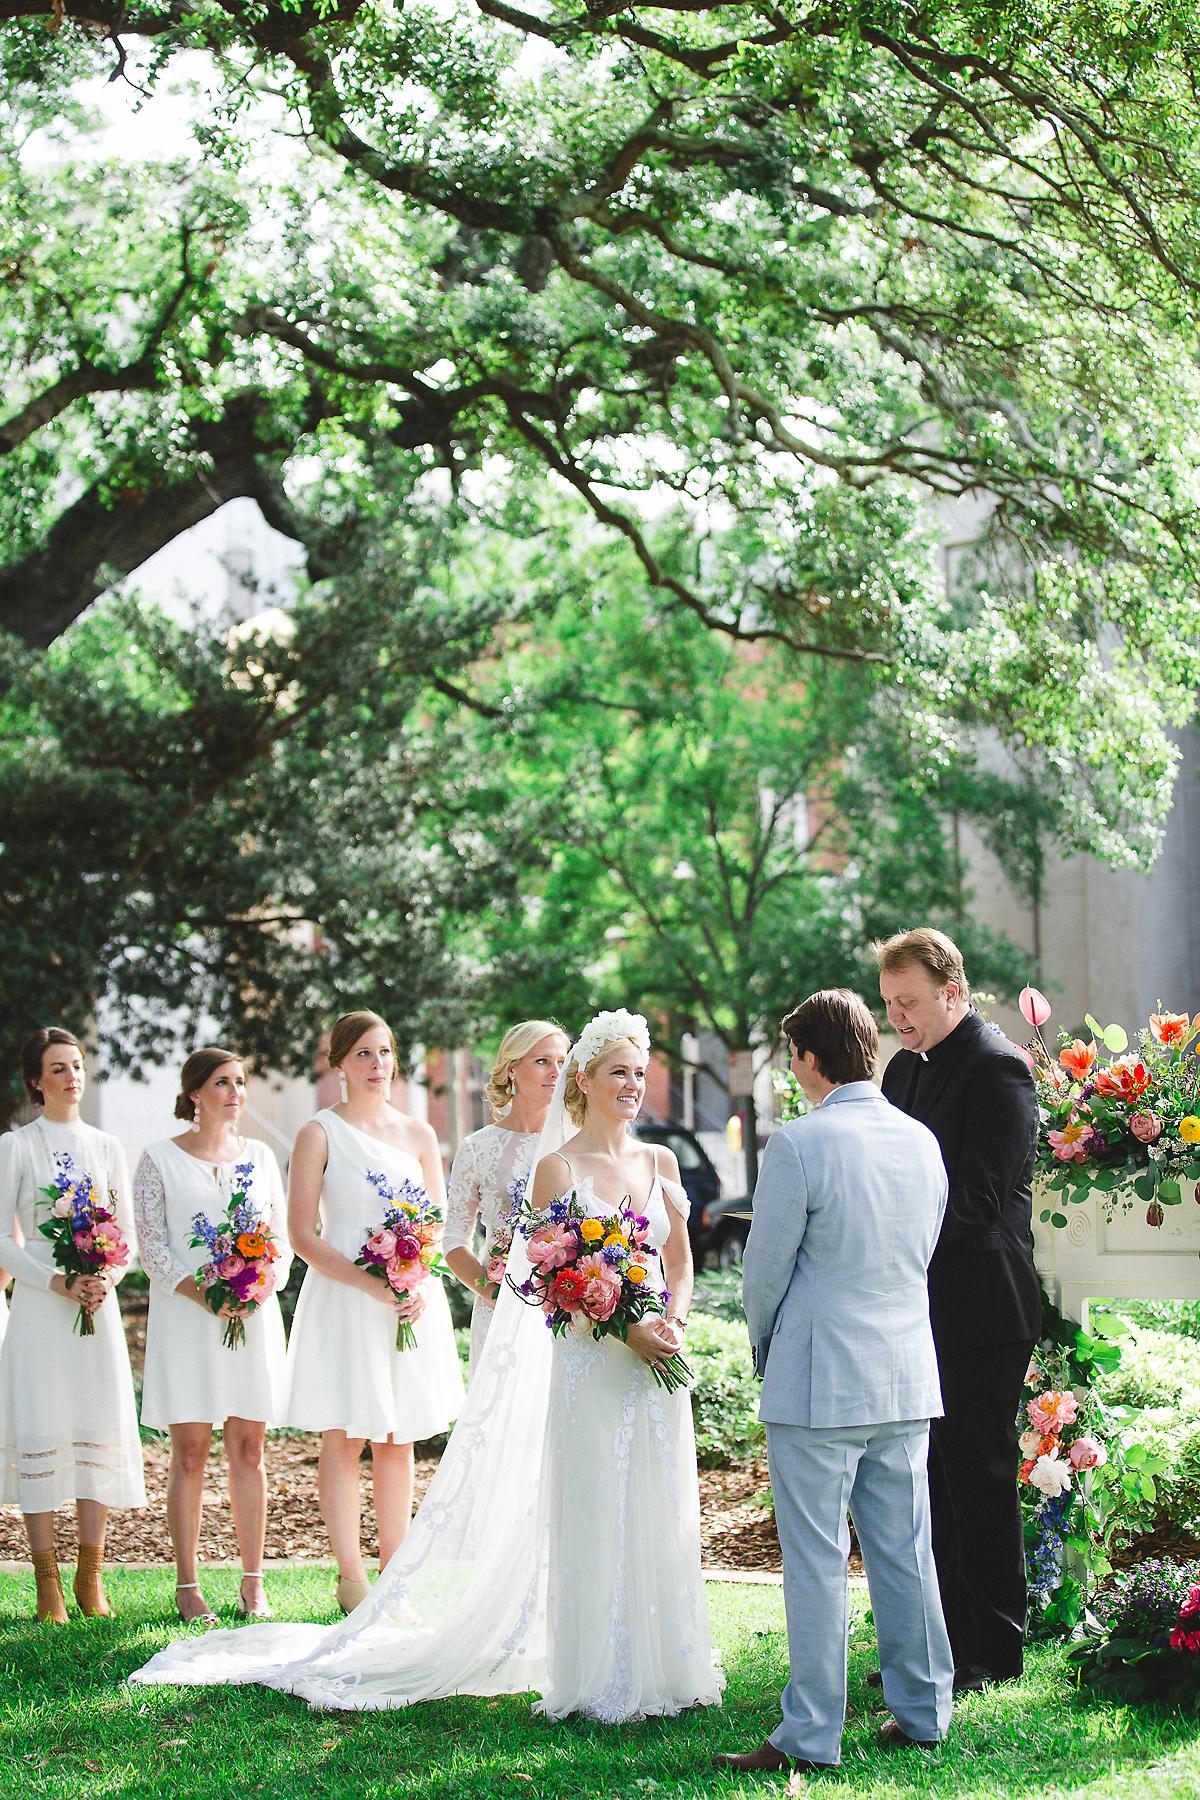 mansion-on-forsyth-park-wedding-23.jpg